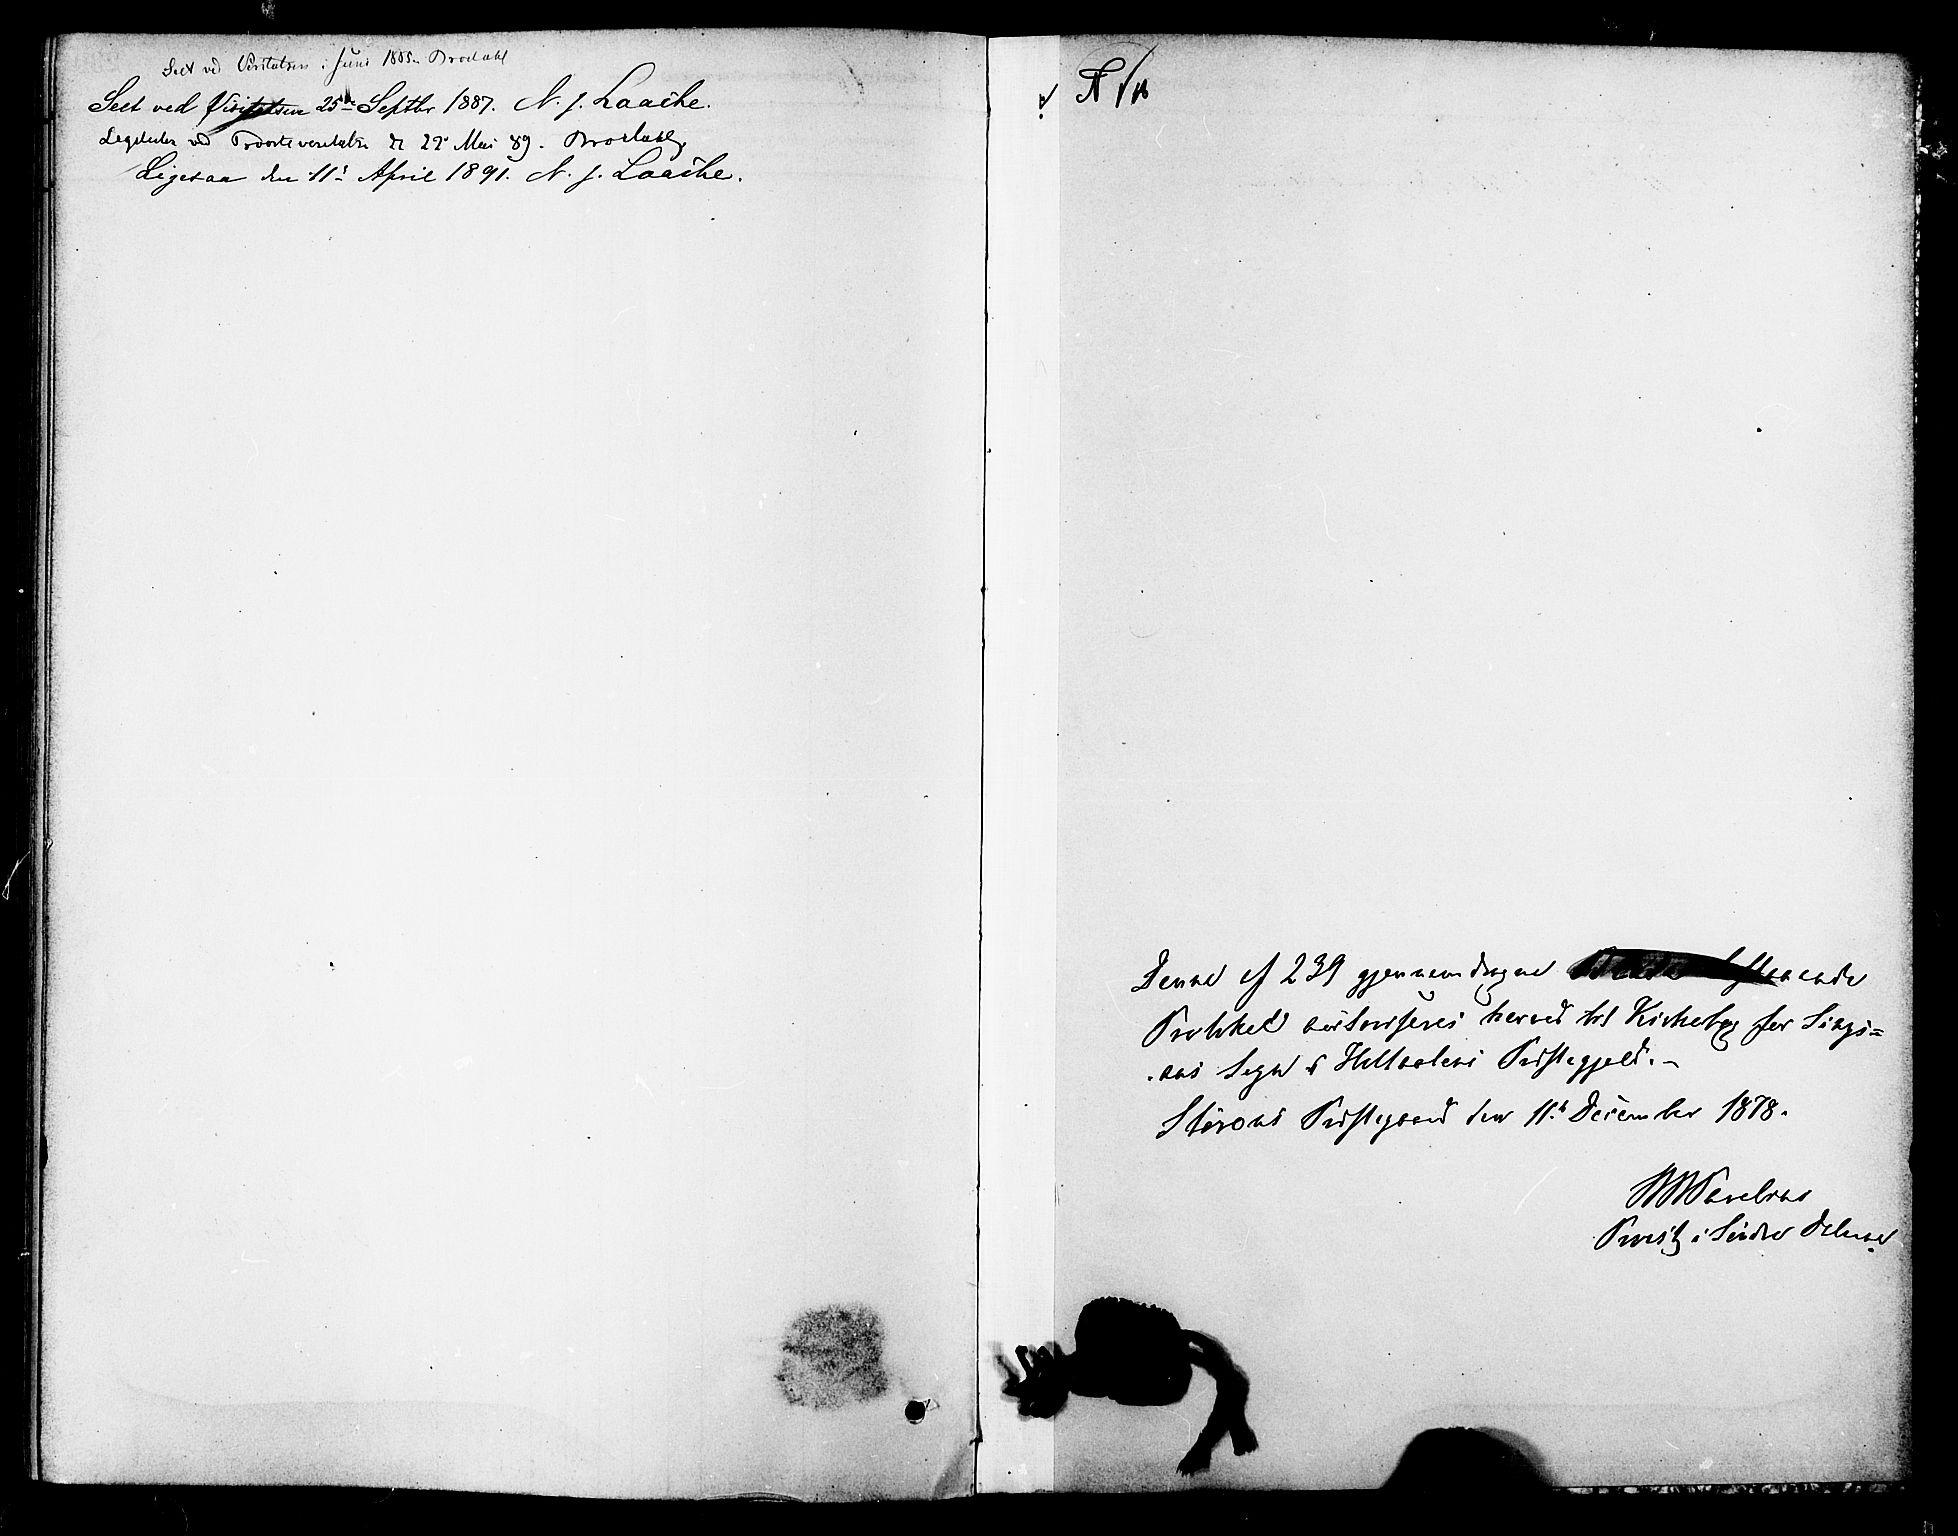 SAT, Ministerialprotokoller, klokkerbøker og fødselsregistre - Sør-Trøndelag, 688/L1024: Ministerialbok nr. 688A01, 1879-1890